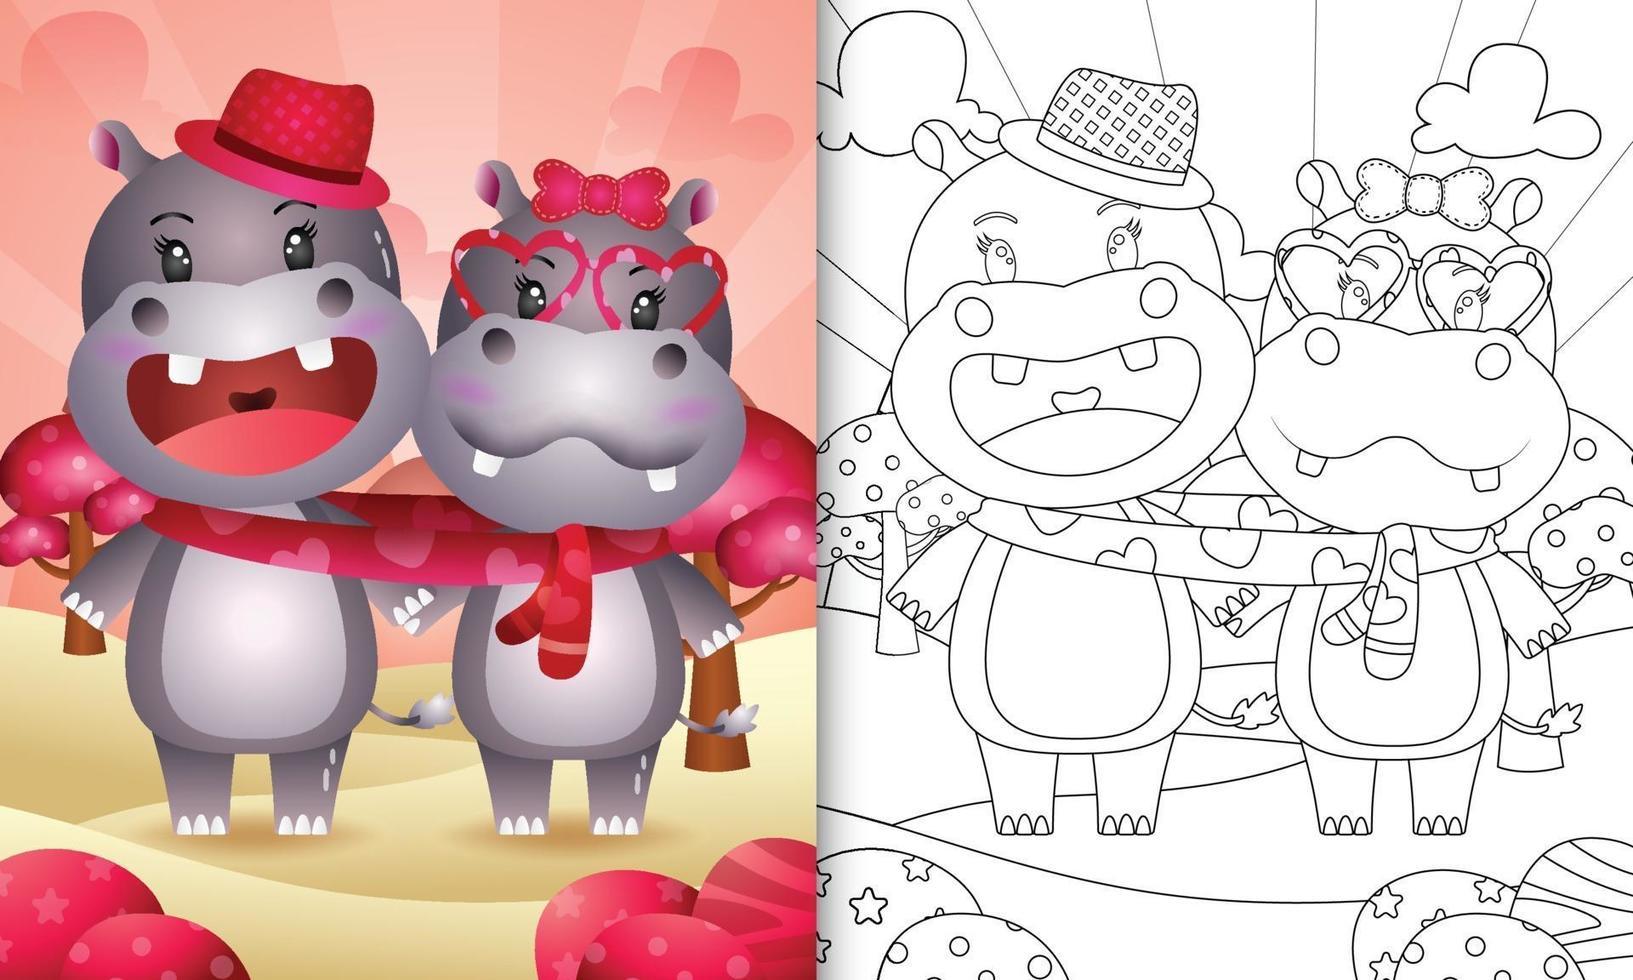 livre de coloriage pour les enfants avec un joli couple d'hippopotames de la Saint-Valentin illustré vecteur